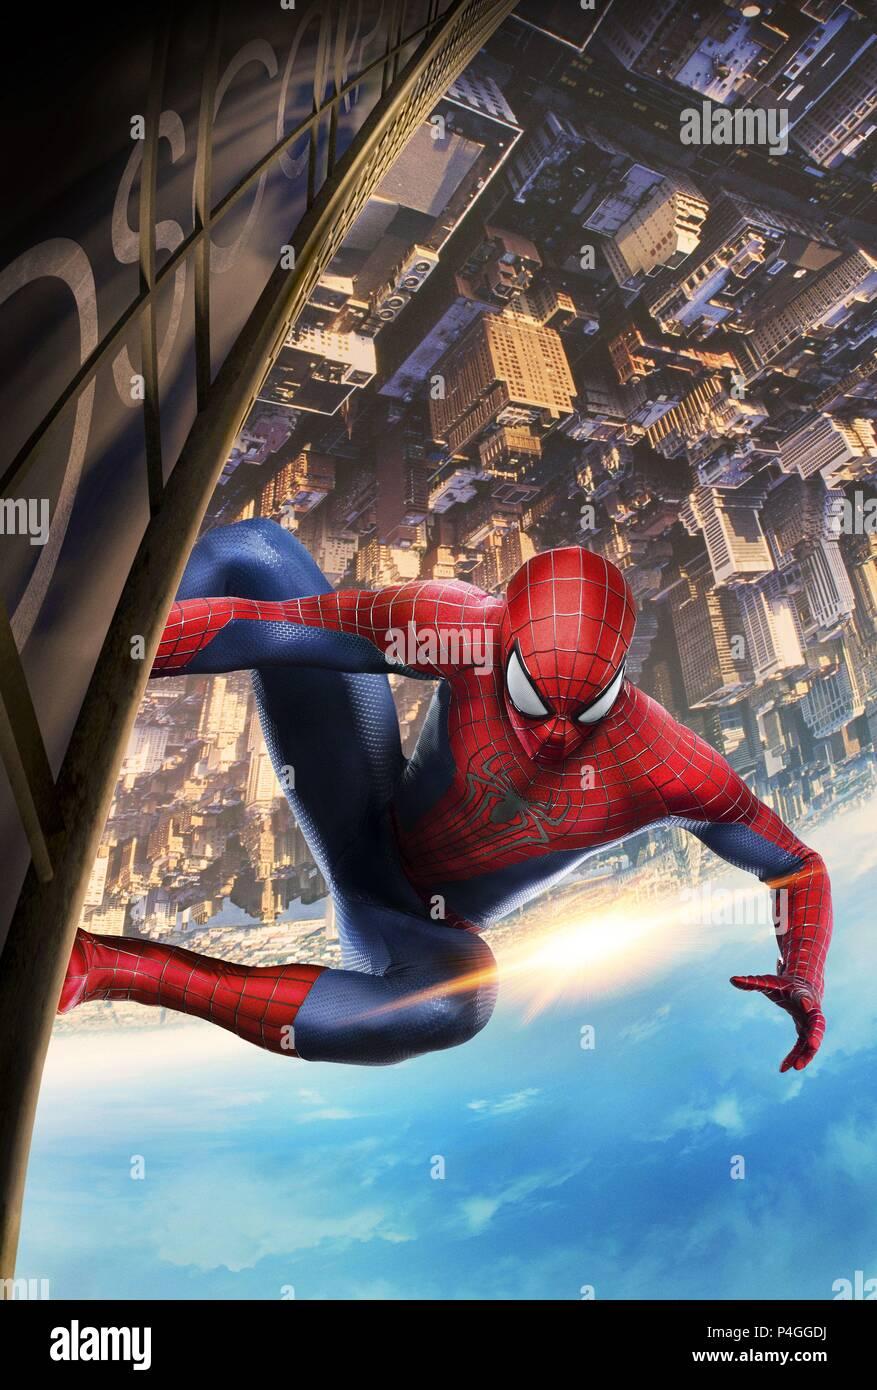 amazing spiderman 2 stock photos amp amazing spiderman 2